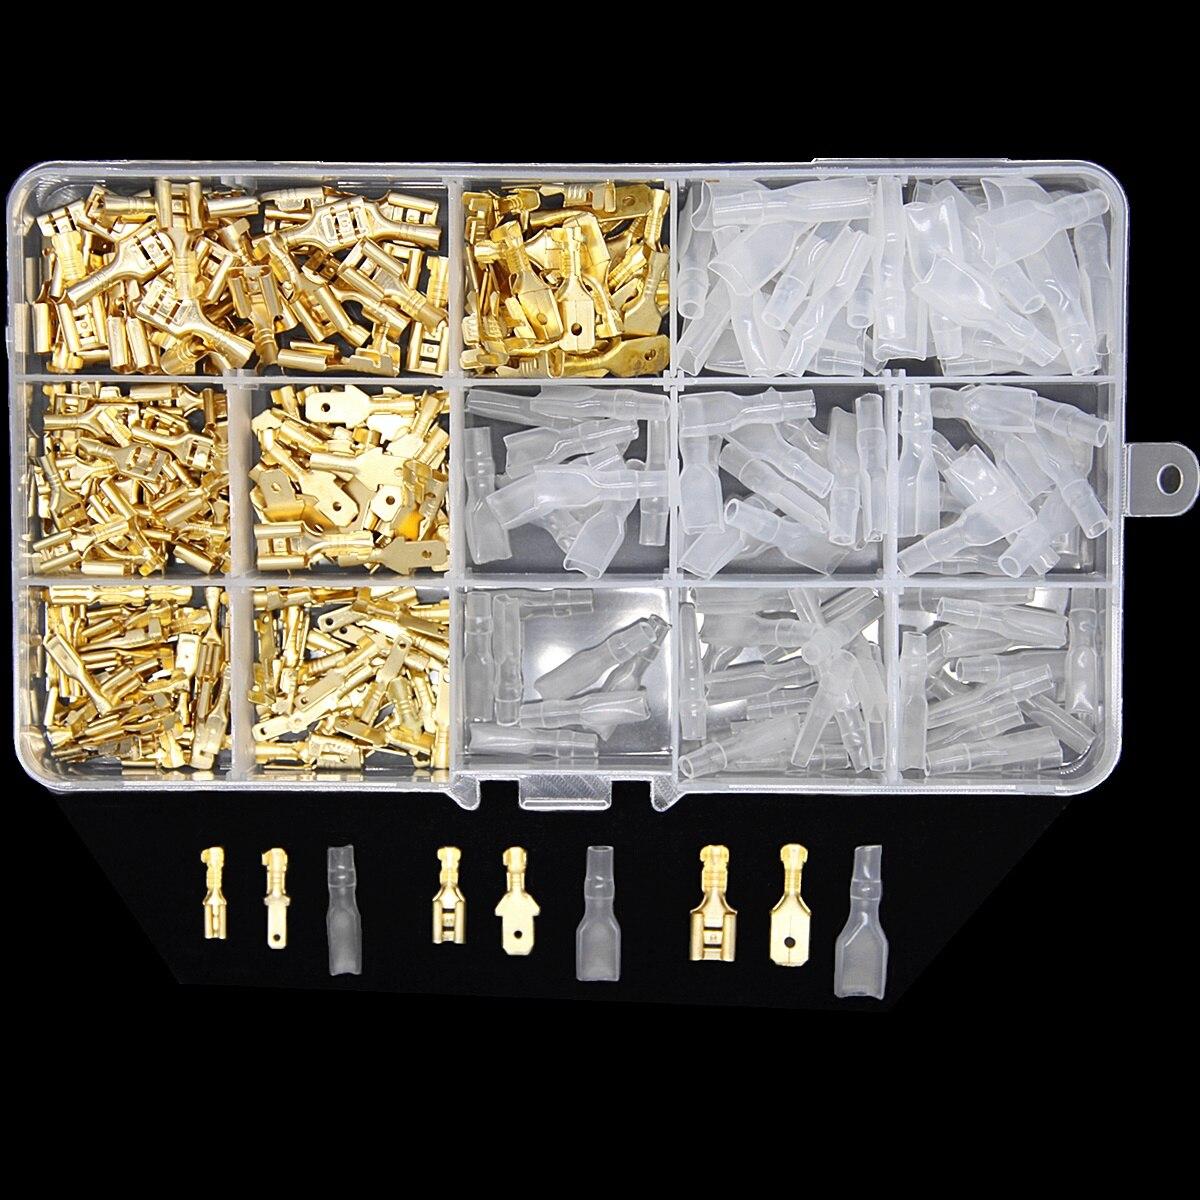 270 шт изолированный мужской женский провод разъем 2,8/4,8/6,3 мм электрические провода обжимные терминалы лопата разъемы Ассорти набор